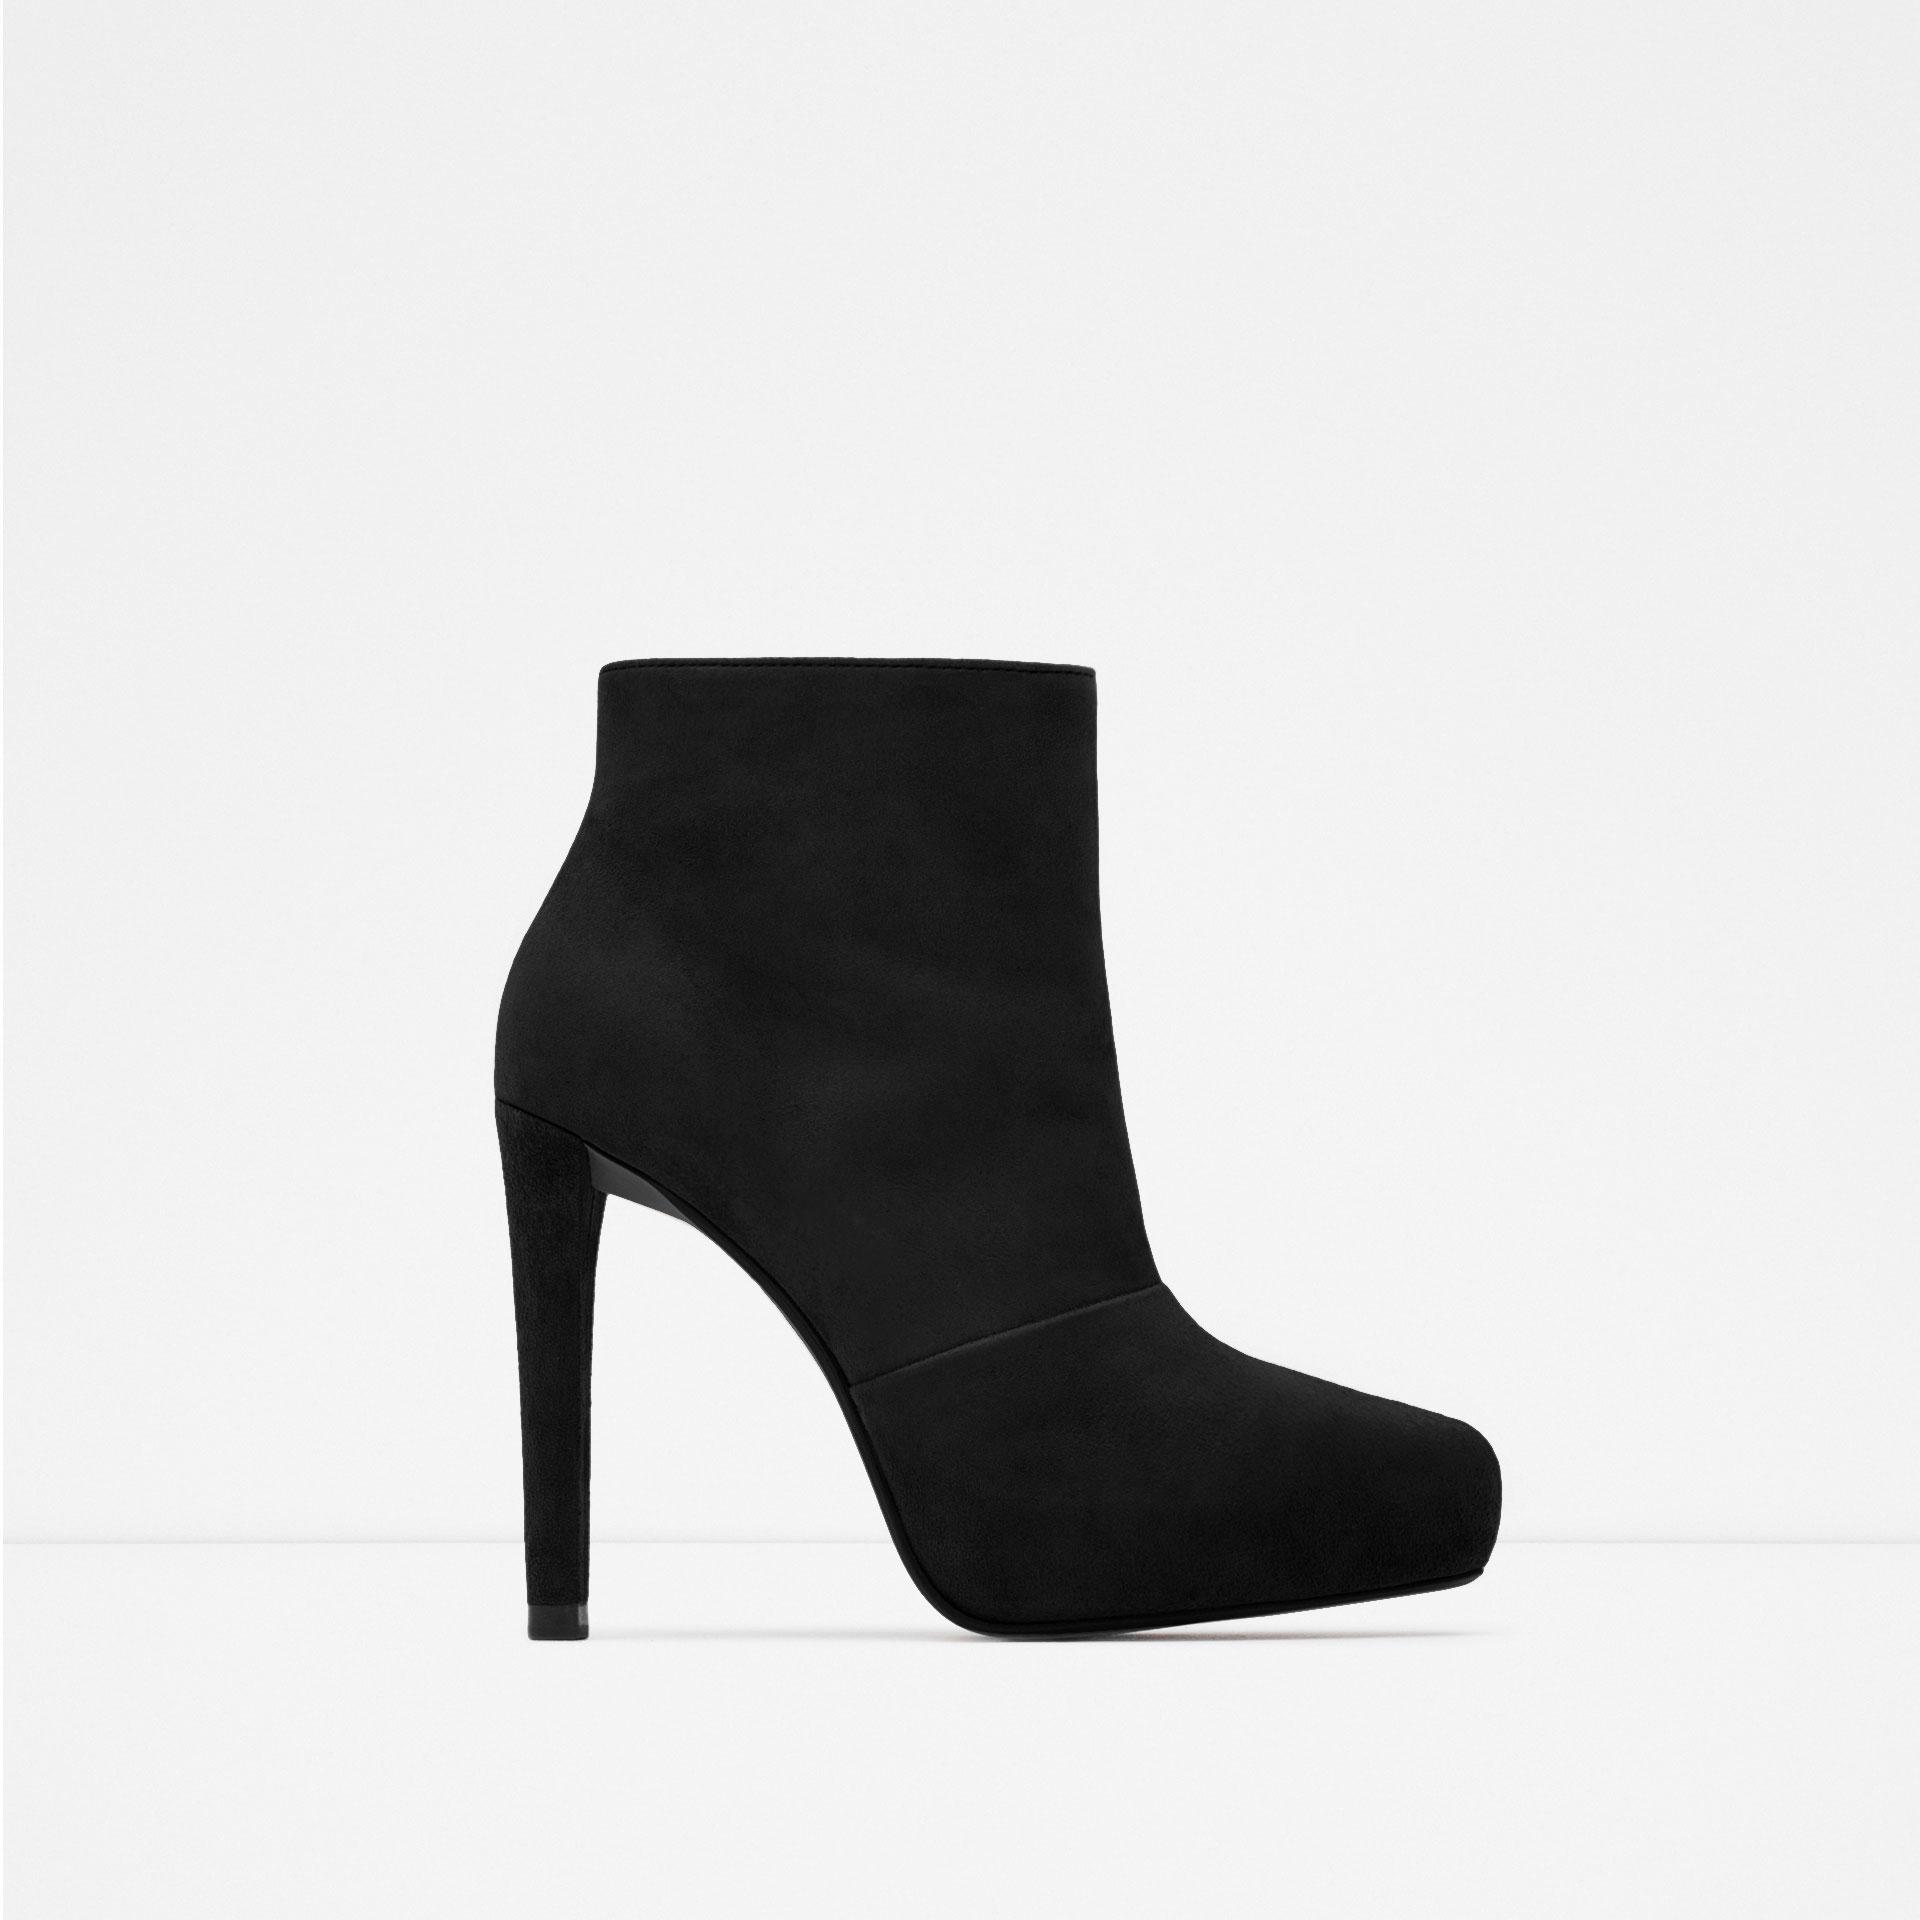 zara suede platform ankle boots in black lyst